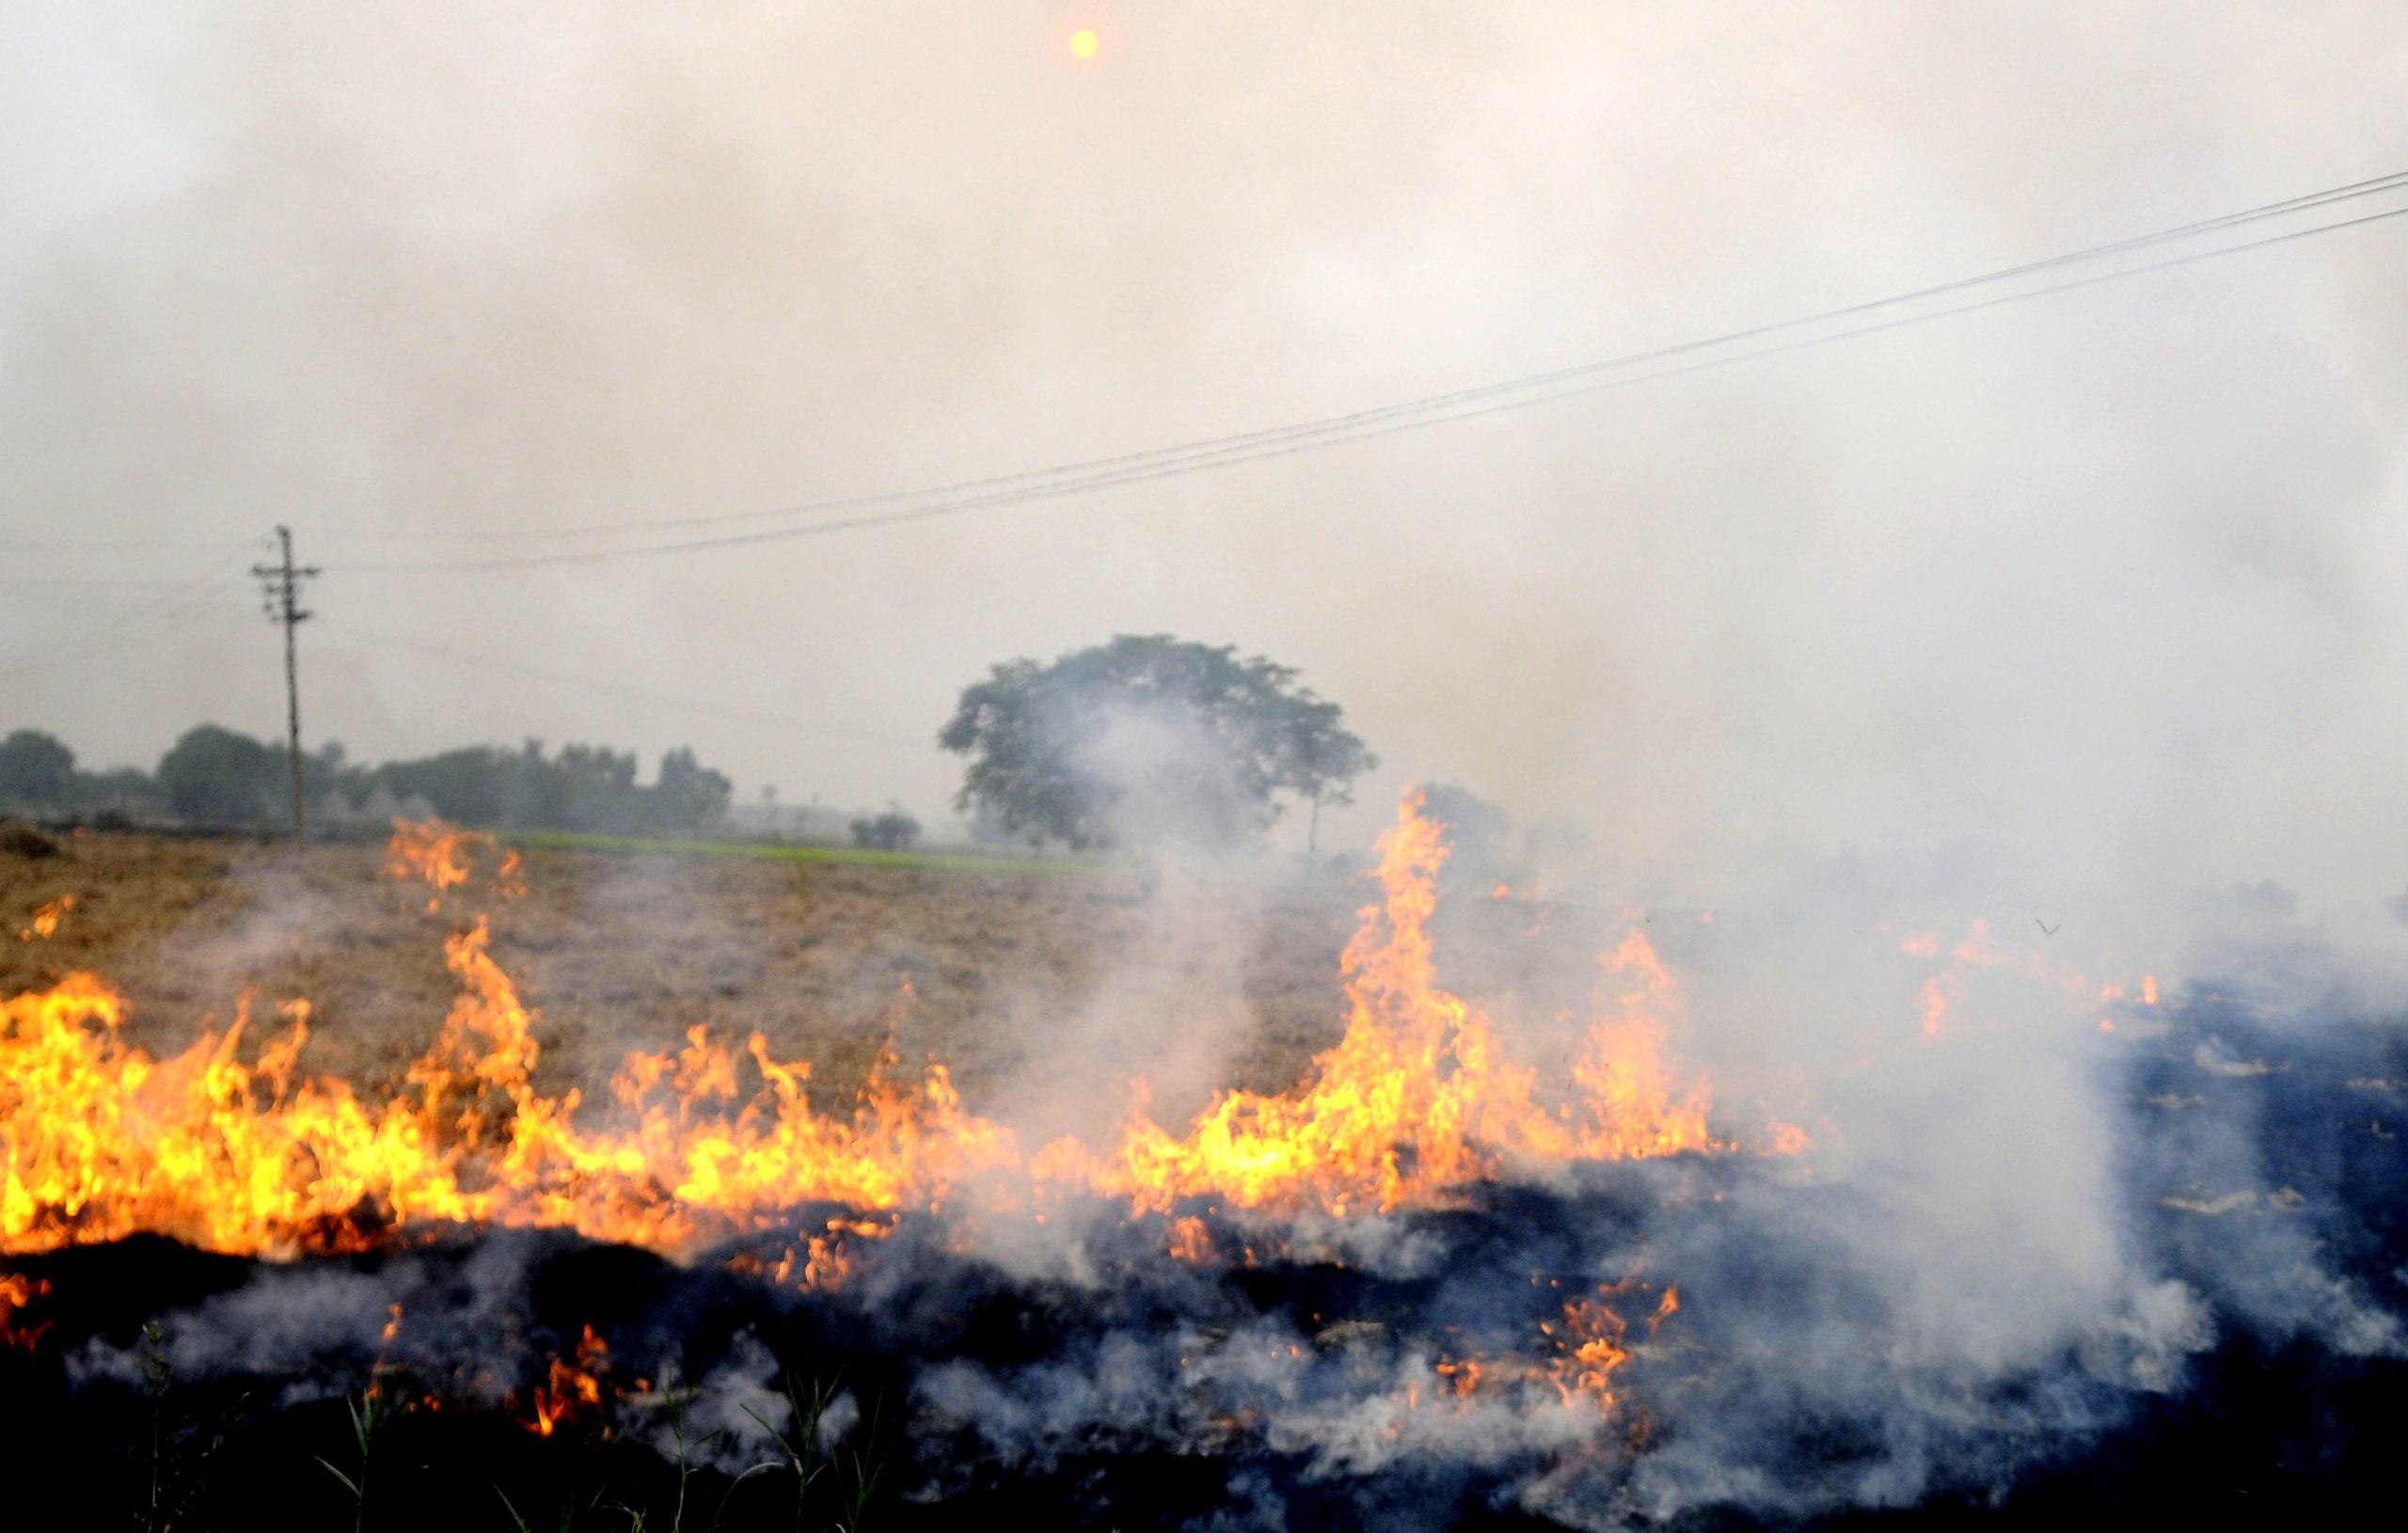 باوری غلط در آتشزدن شالیزارها پس از برداشت برنج